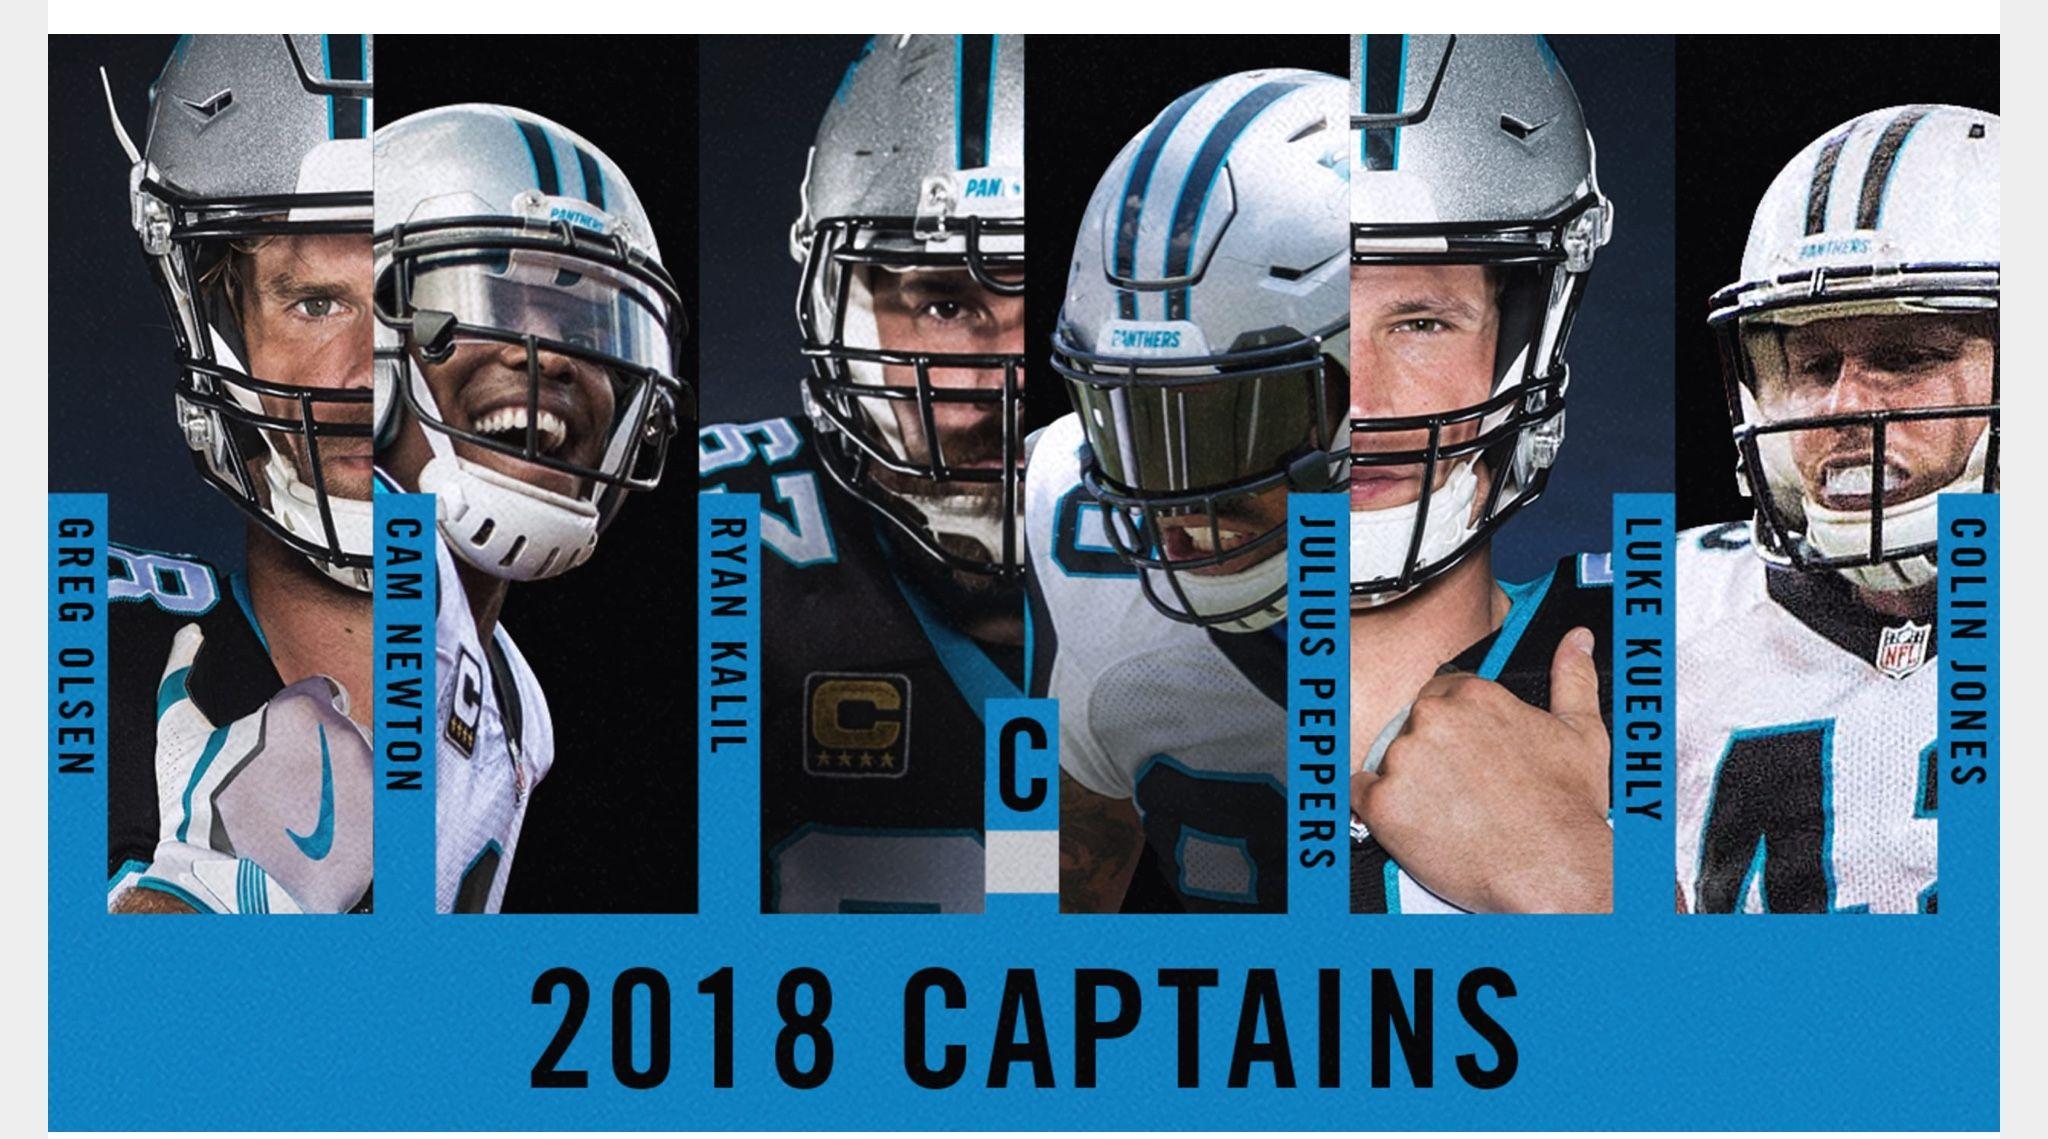 1205c9f8 Carolina Panthers 2018 Captains | #keeppounding ...PANTHERS ...